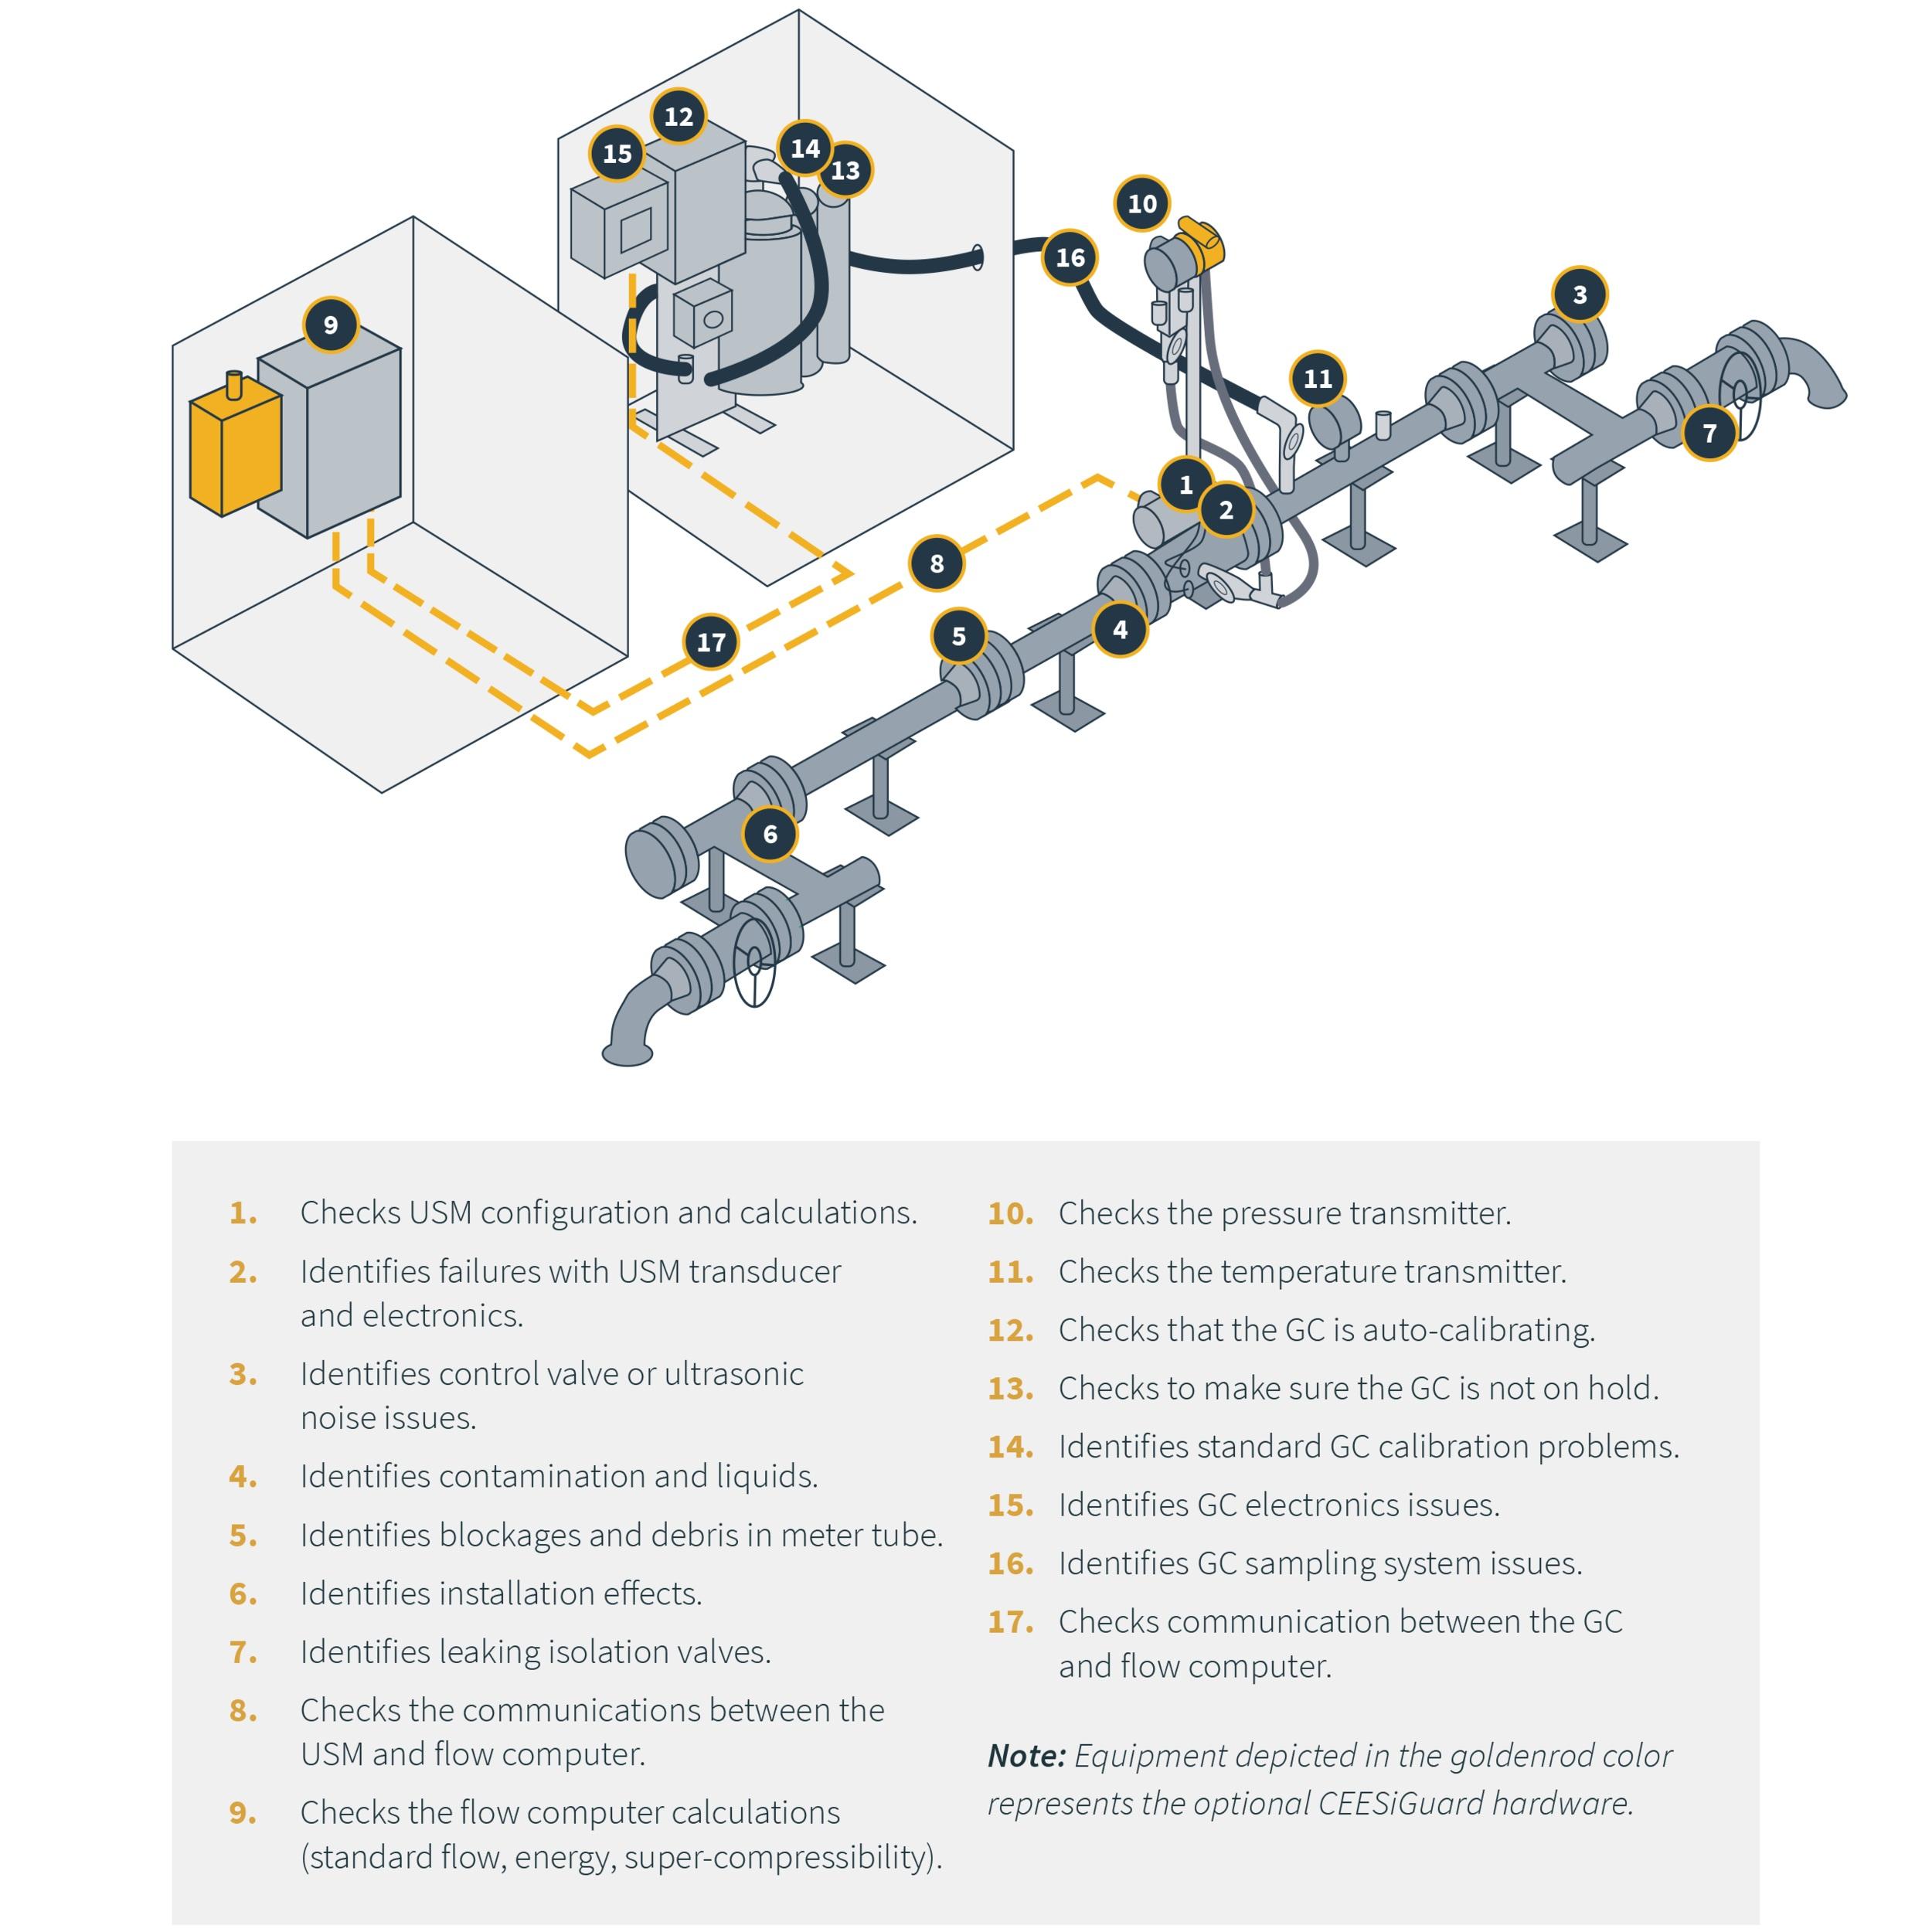 CEESM0017_Brochure_Measurement_10+%281%29+%283%29-3.jpg